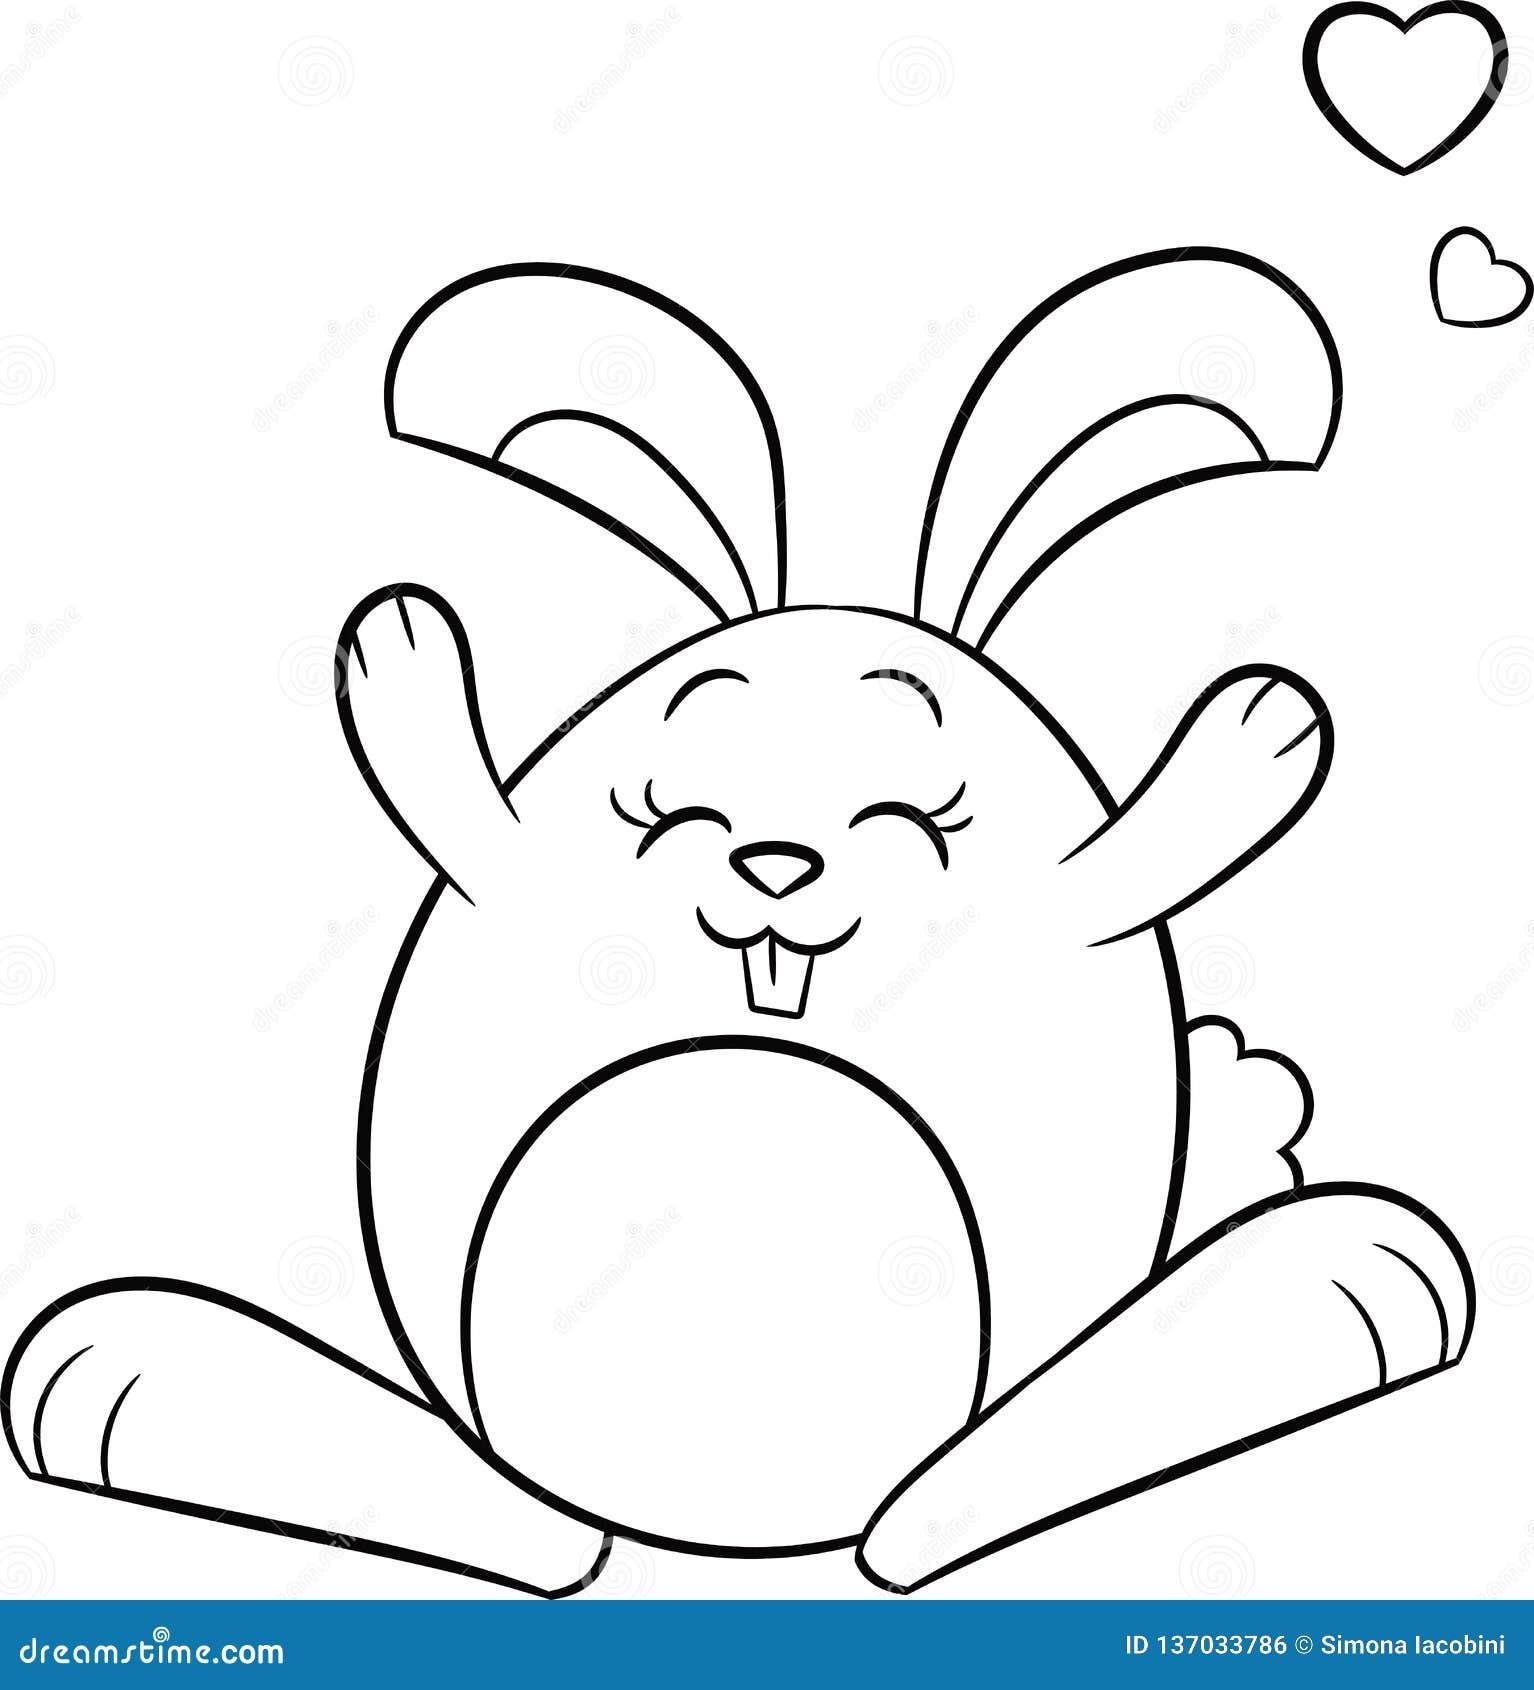 Negro De Kawaii Un Dibujo Blanco De Un Conejo De Conejito Con Los